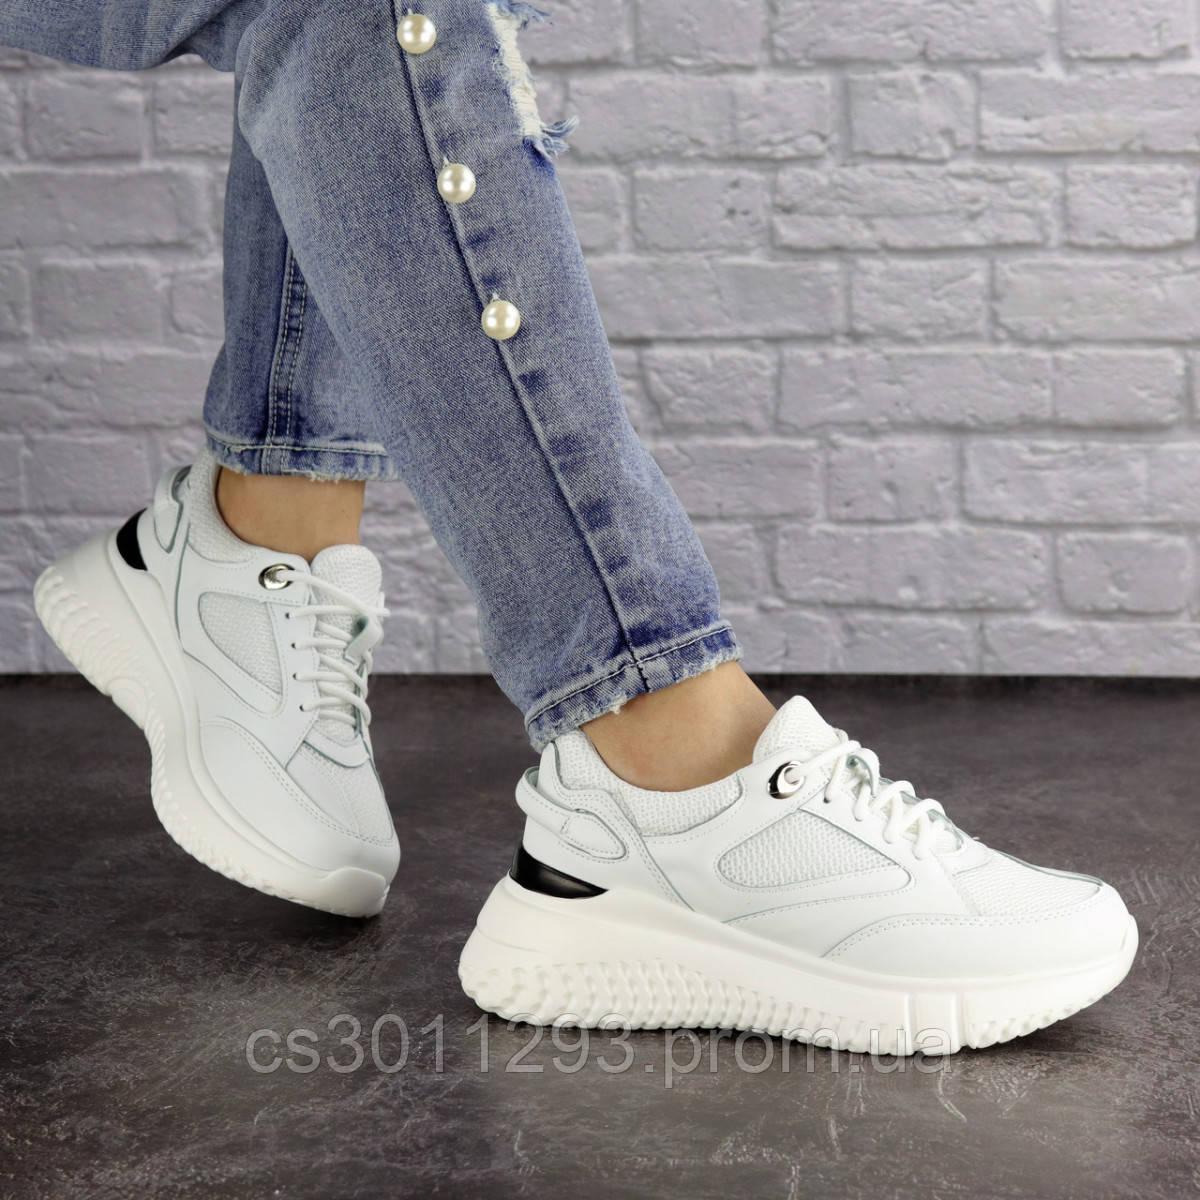 Женские кроссовки Fashion Jagger 1633 36 размер 23,5 см Белый